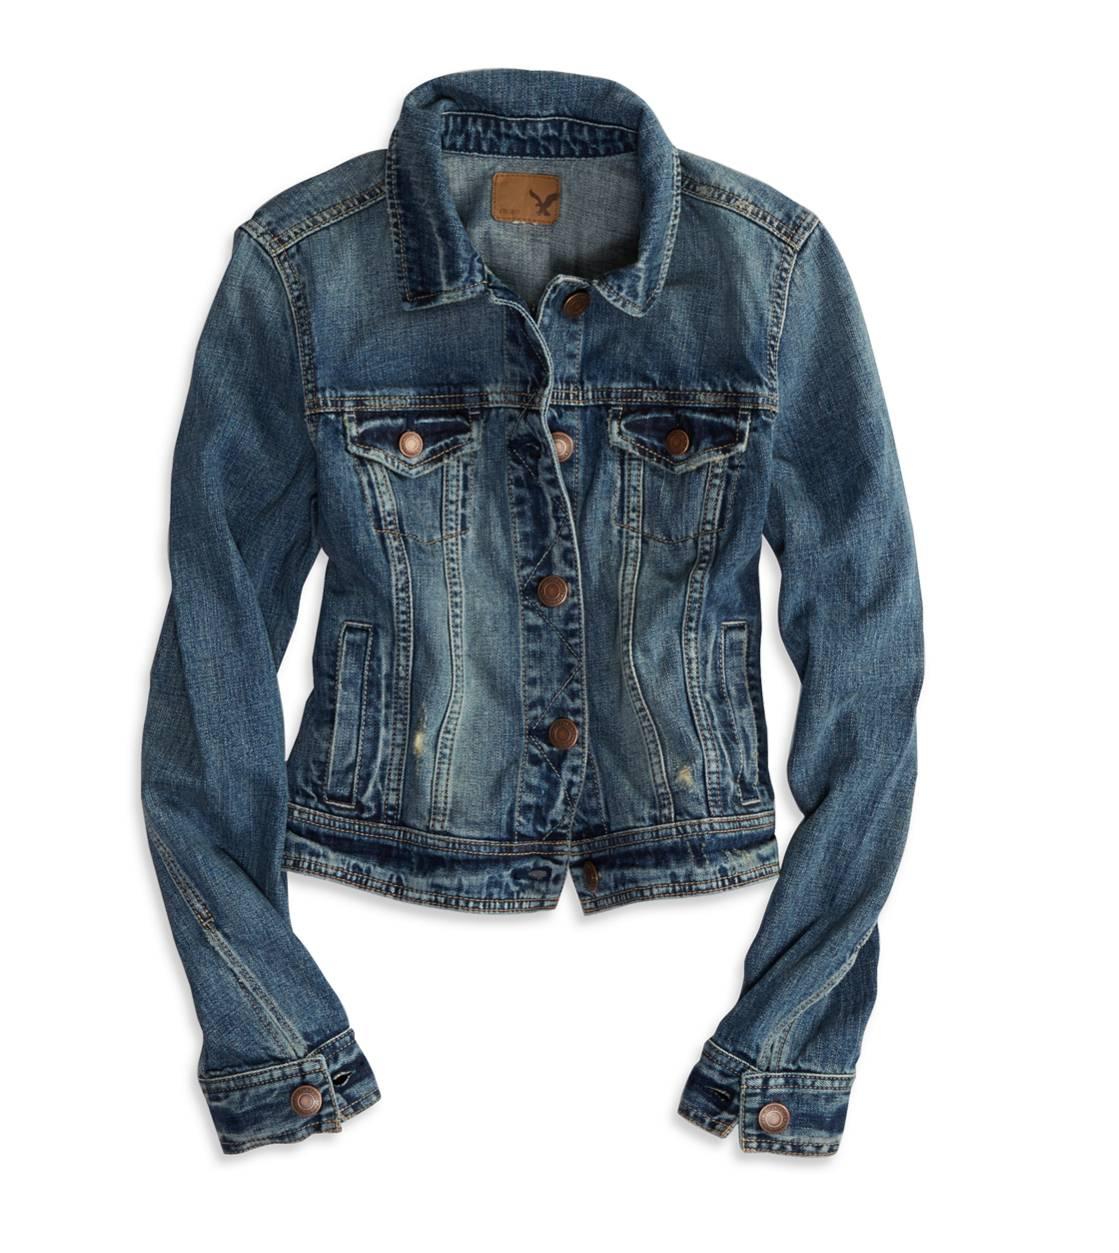 AE Faded Denim Jacket | American Eagle Outfitters - Faded Denim Jacket American Eagle Outfitters